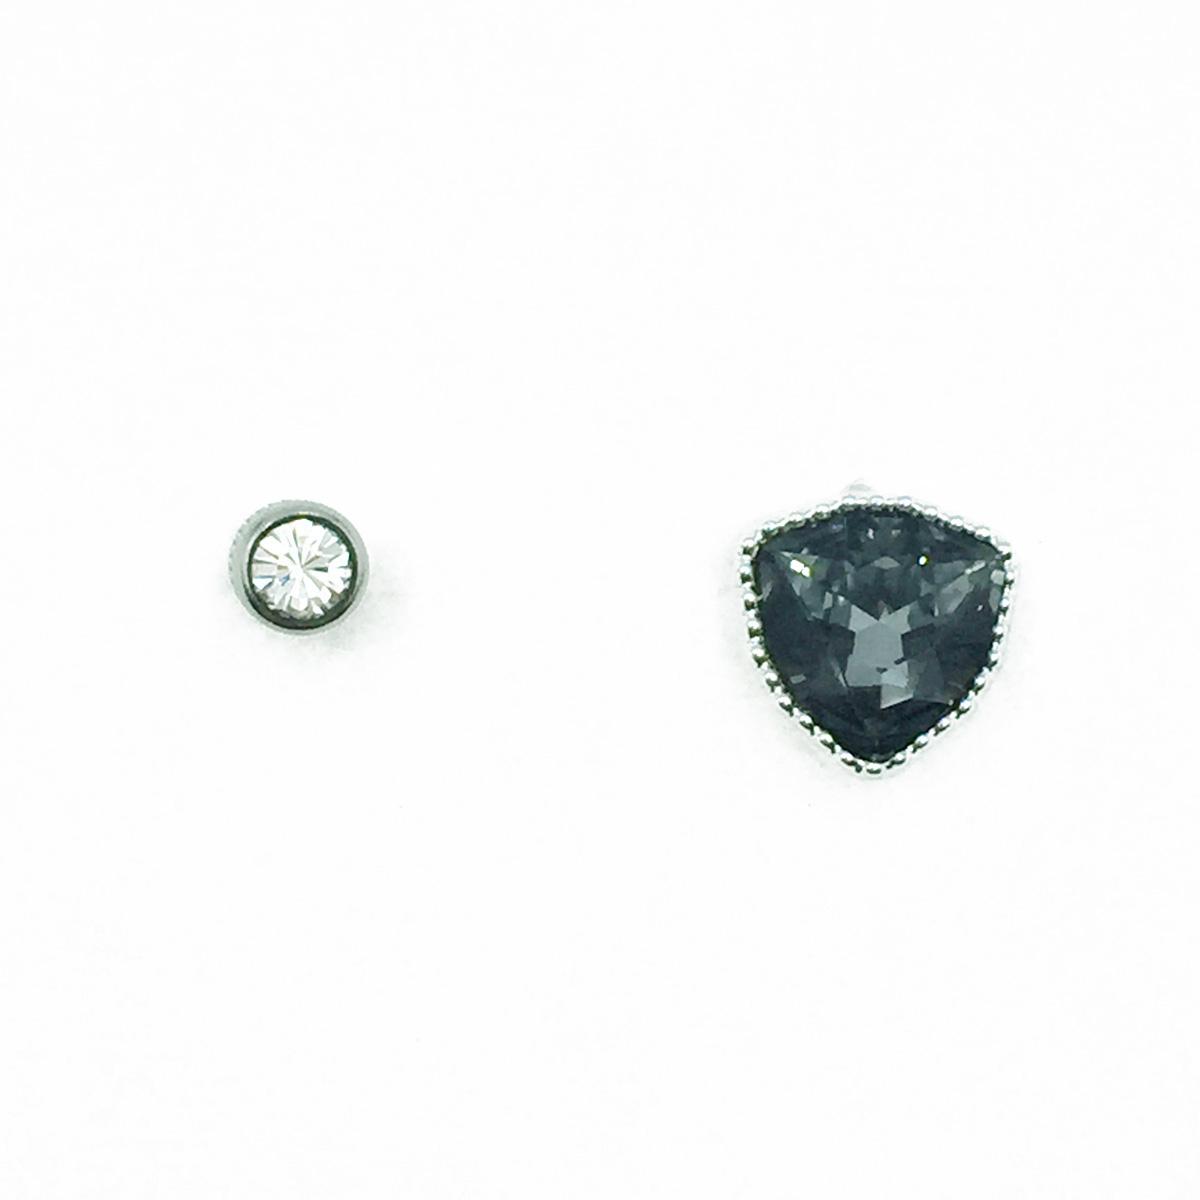 不鏽鋼 切割面 水鑽 後轉式針式耳環